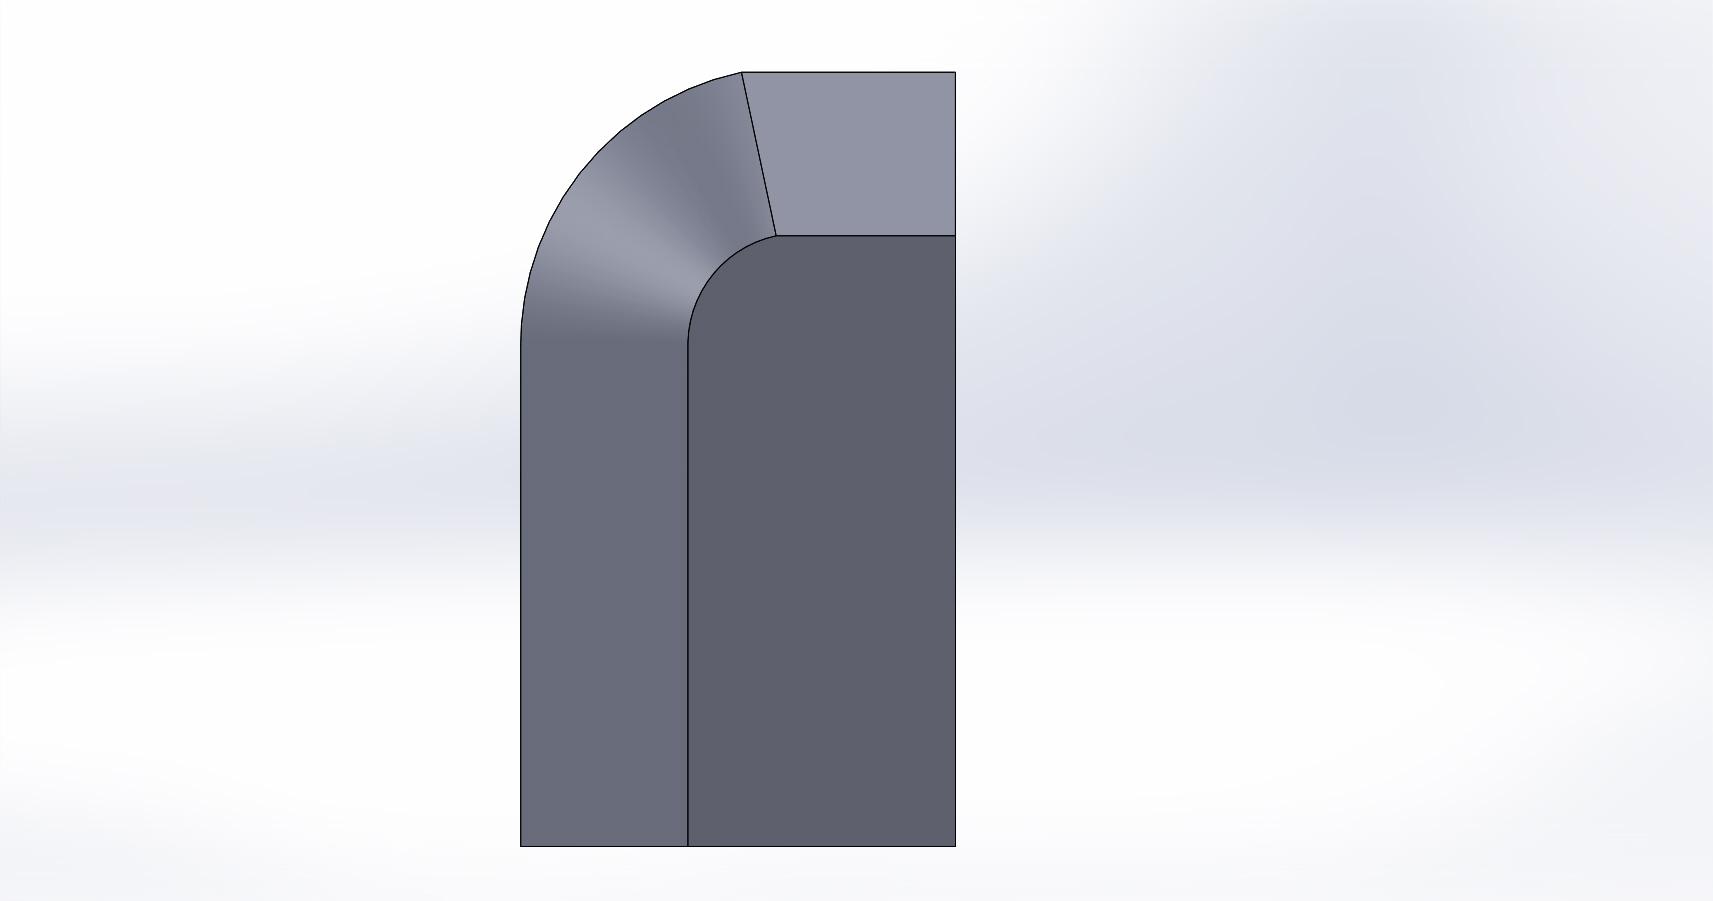 radiustest-inkremental2.JPG